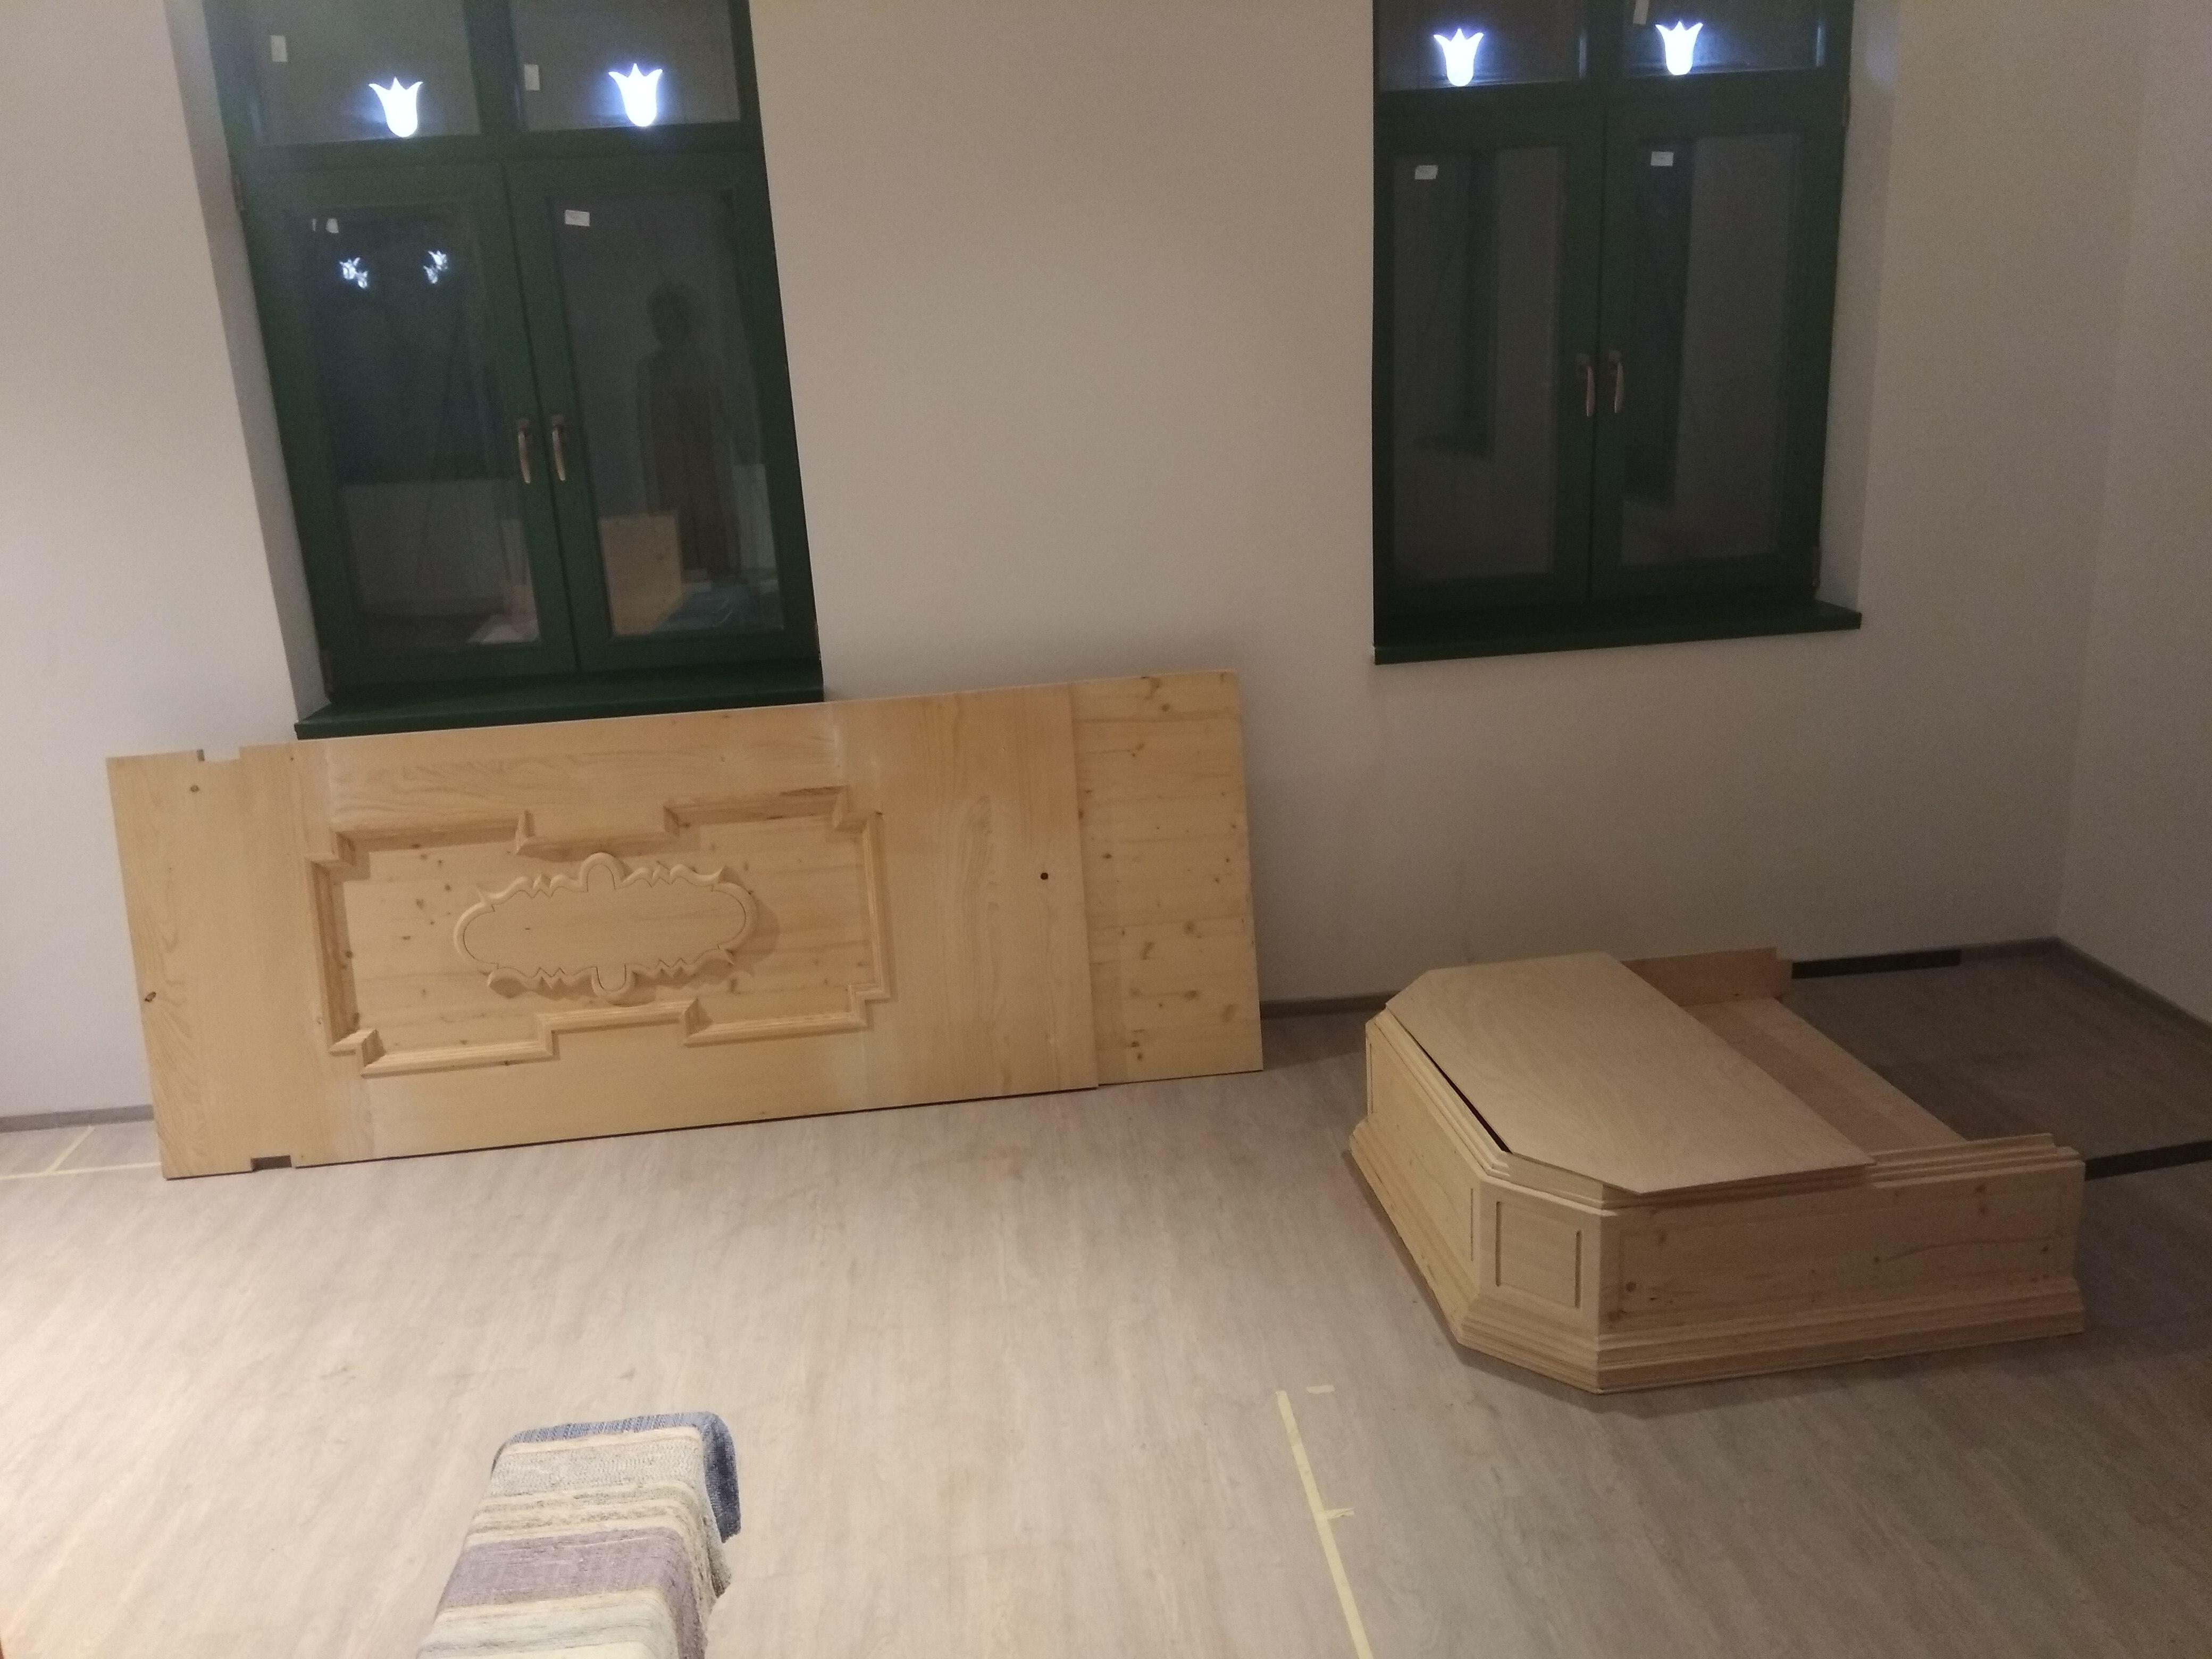 A szószék hátlap és a hangvető a beépítés előtt